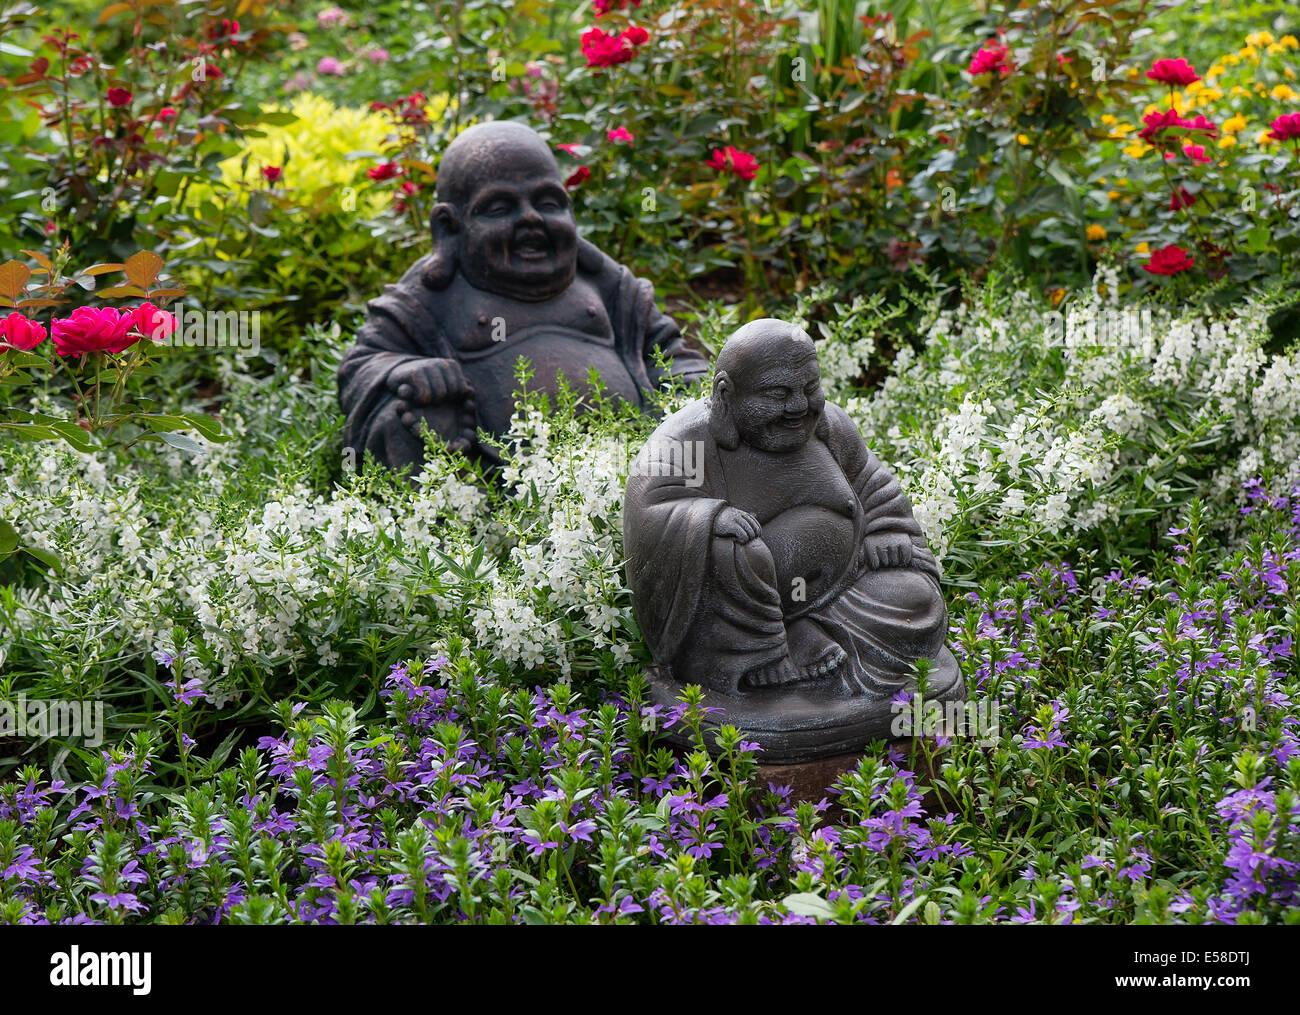 Home jardim de flores florescendo com escultura de Buda. Imagens de Stock